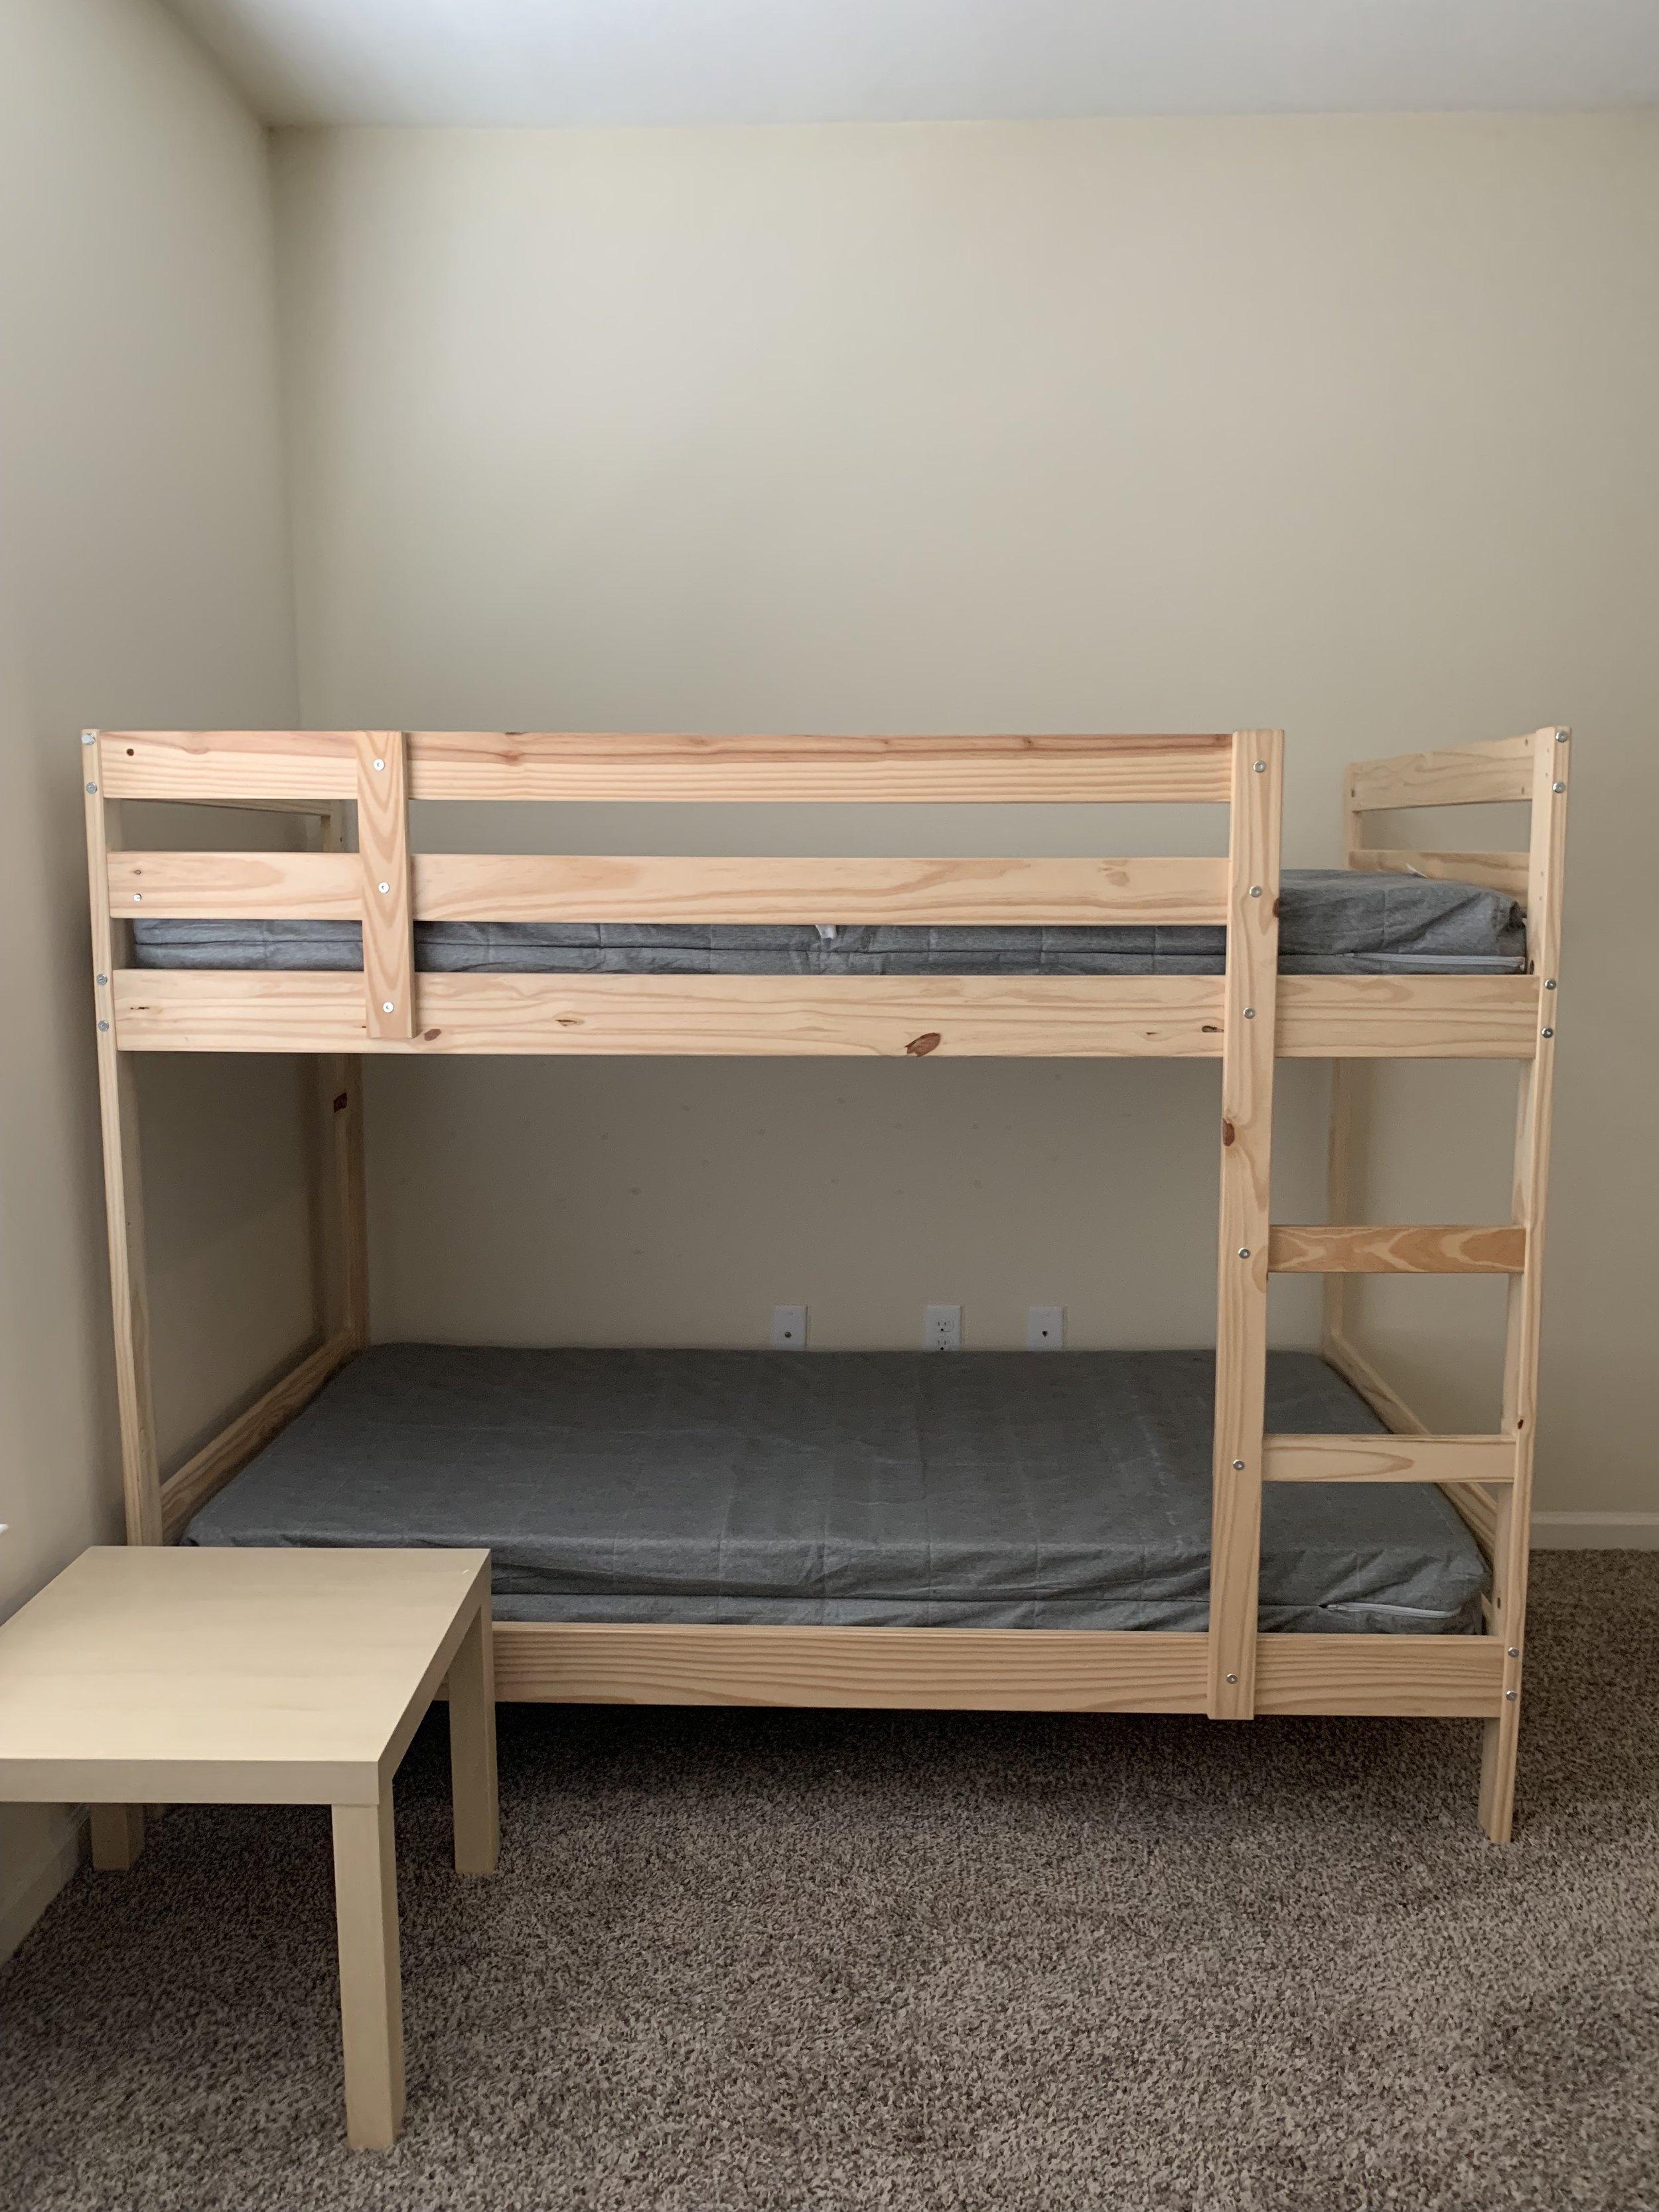 Bunk bed 1 $90 - Bethany Ufema